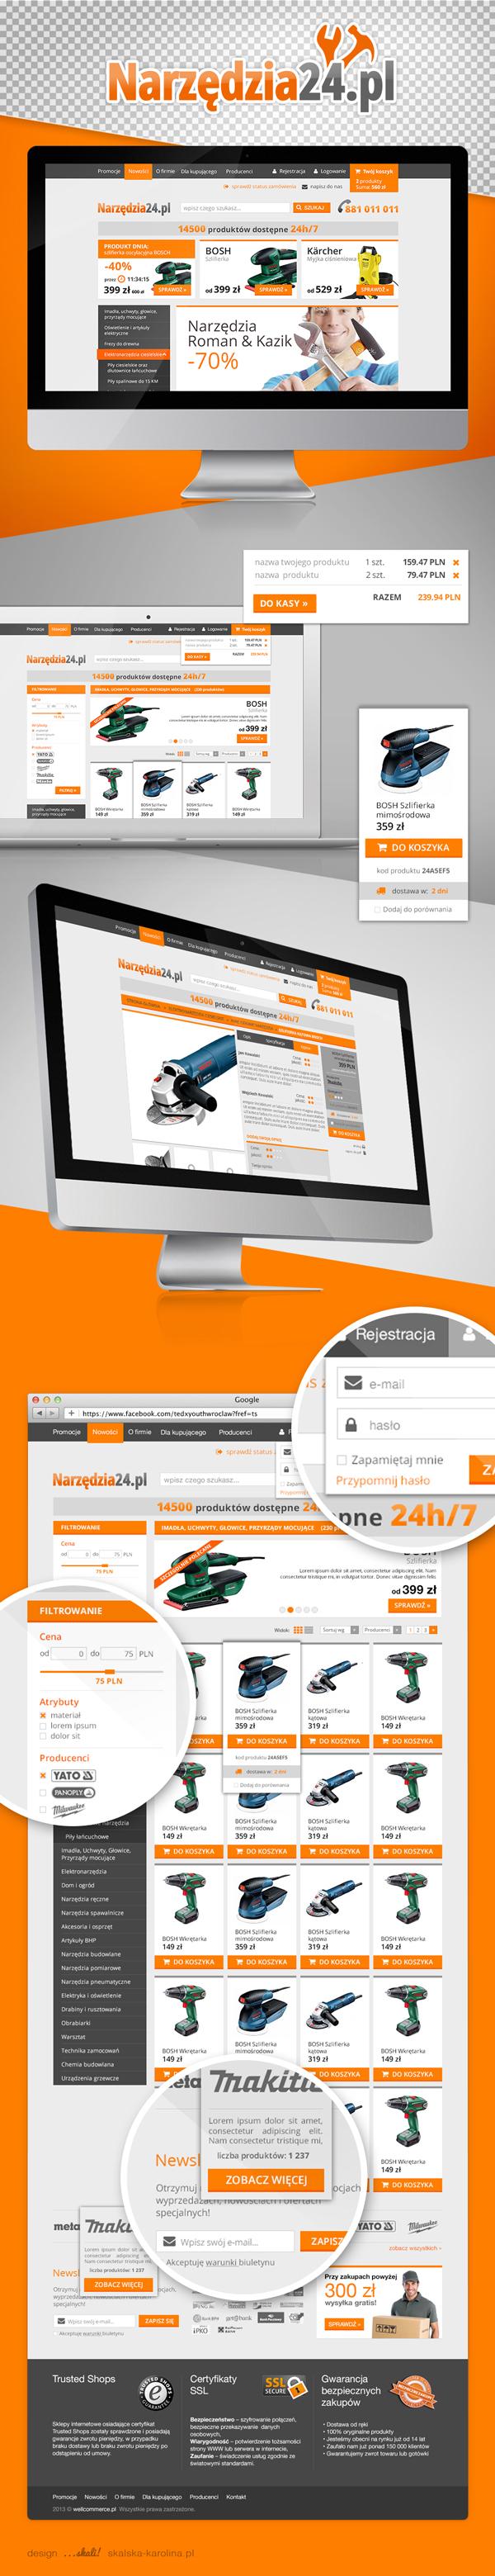 UI e-commerce online store cart checkout basket